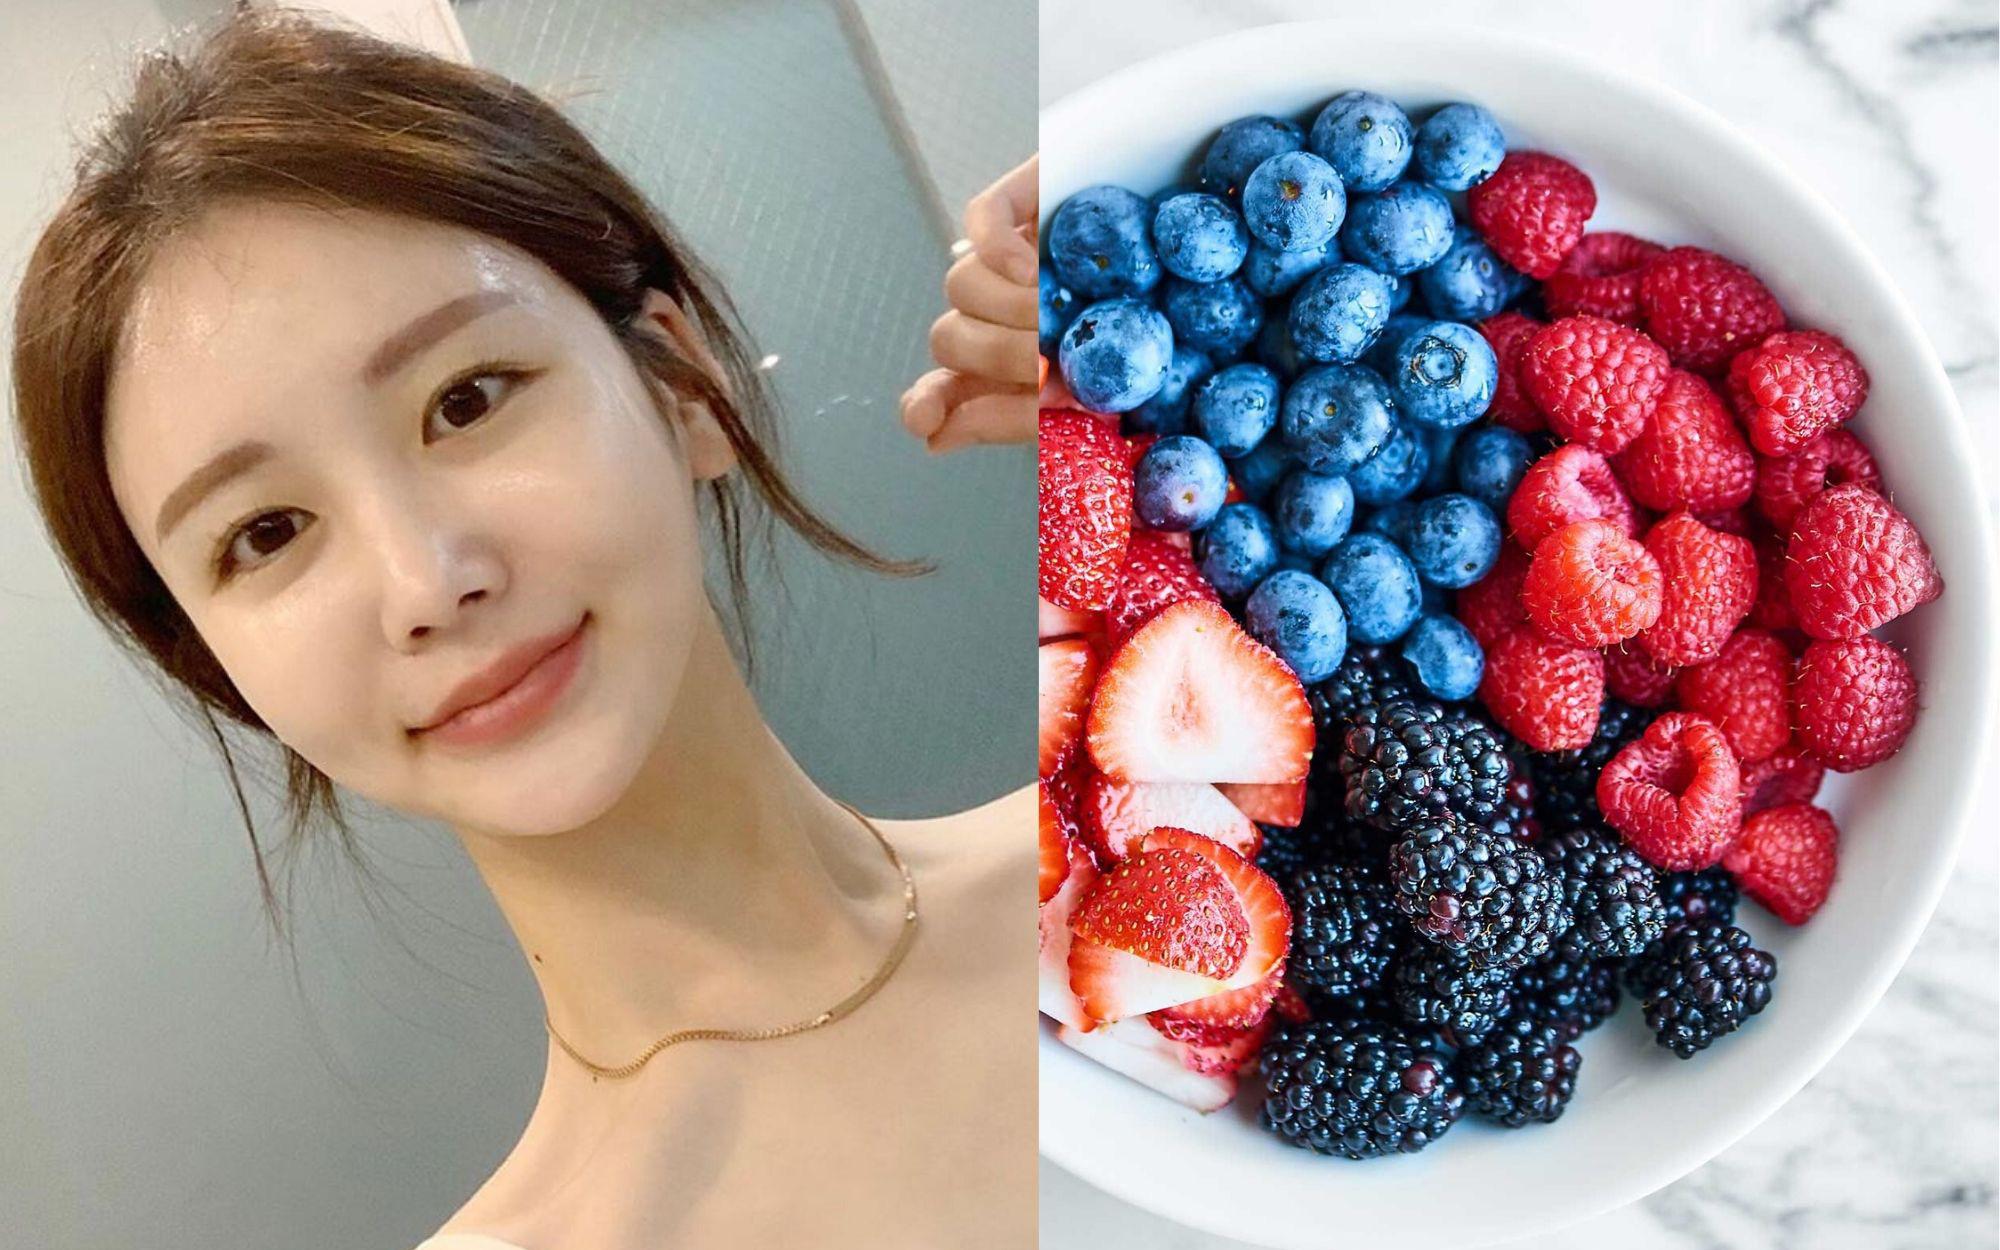 Chị em tích cực ăn 10 loại thực phẩm giúp tăng sinh collagen dưới đây thì da cứ ngày càng mọng mướt, trẻ mãi không già